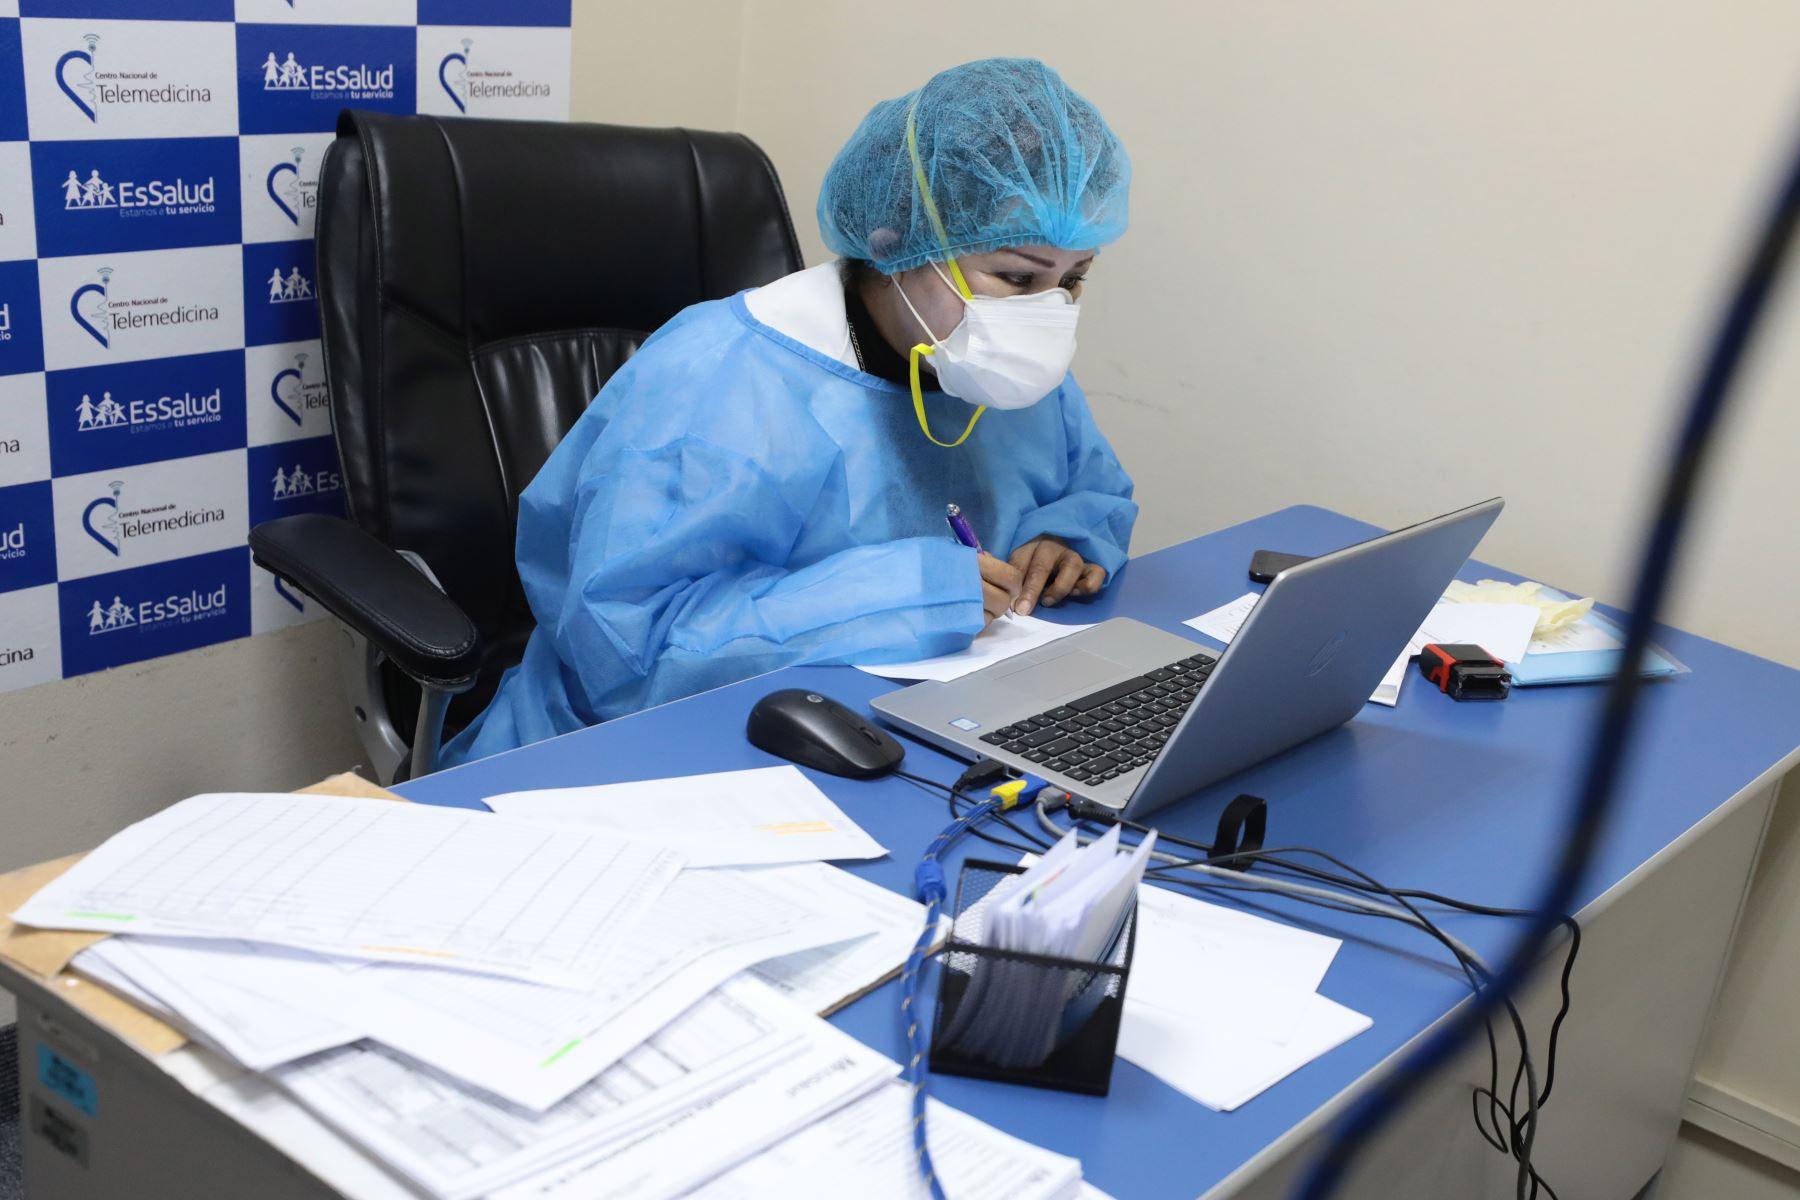 Gracias a la telemedicina se le hace un triaje virtual, con énfasis en personas con comorbilidades y/o sintomatología respiratoria marcada. Foto: Essalud